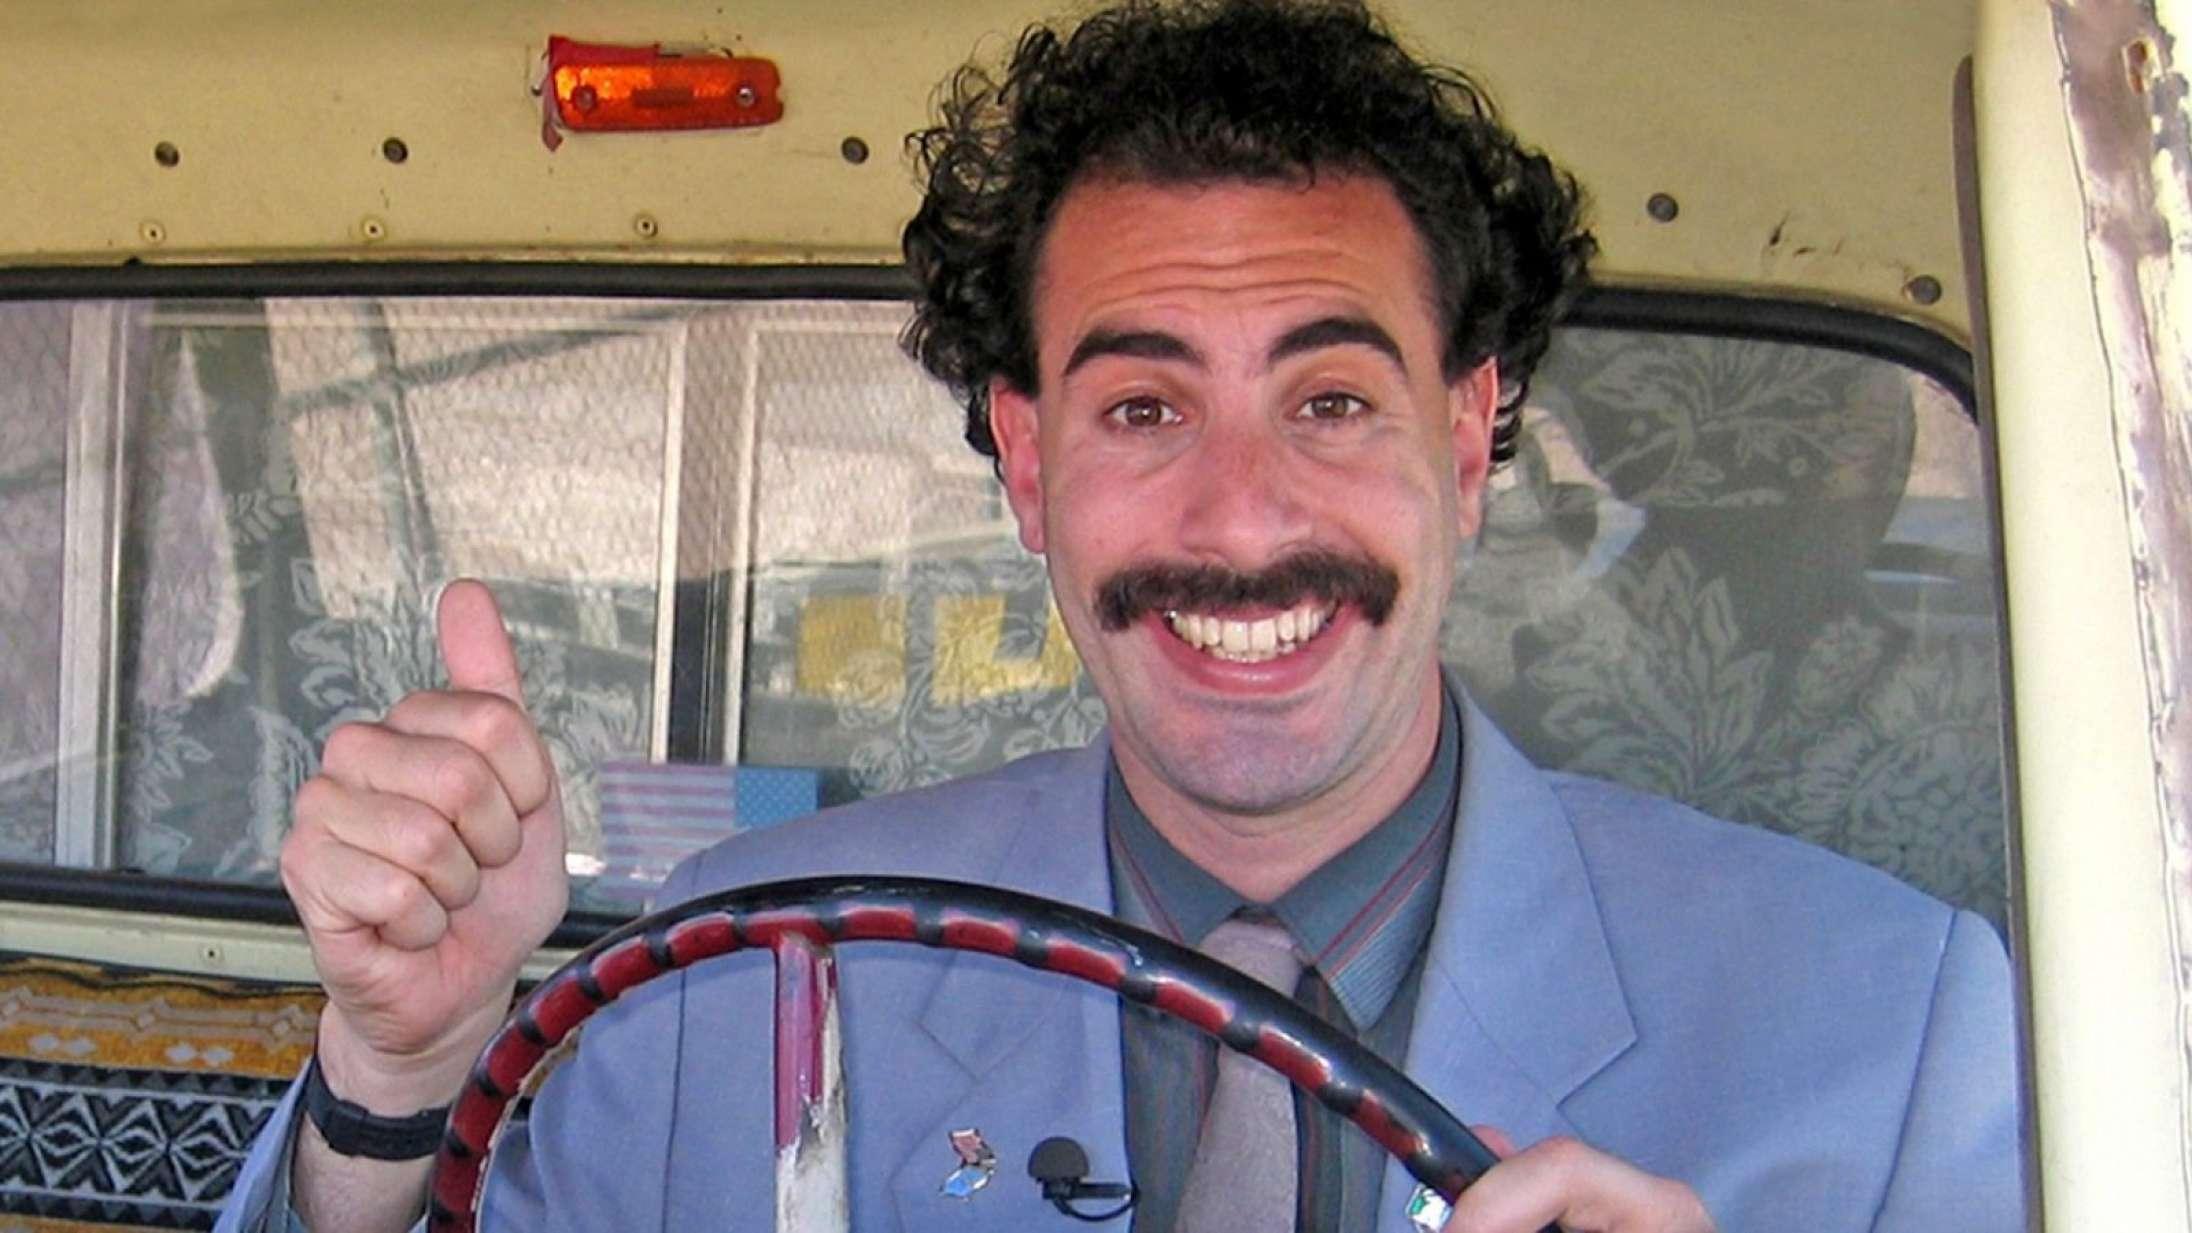 Sacha Baron Cohen afslørede sin sande identitet for Holocaust-overlever under 'Borat 2'-optagelserne – men blev sagsøgt alligevel